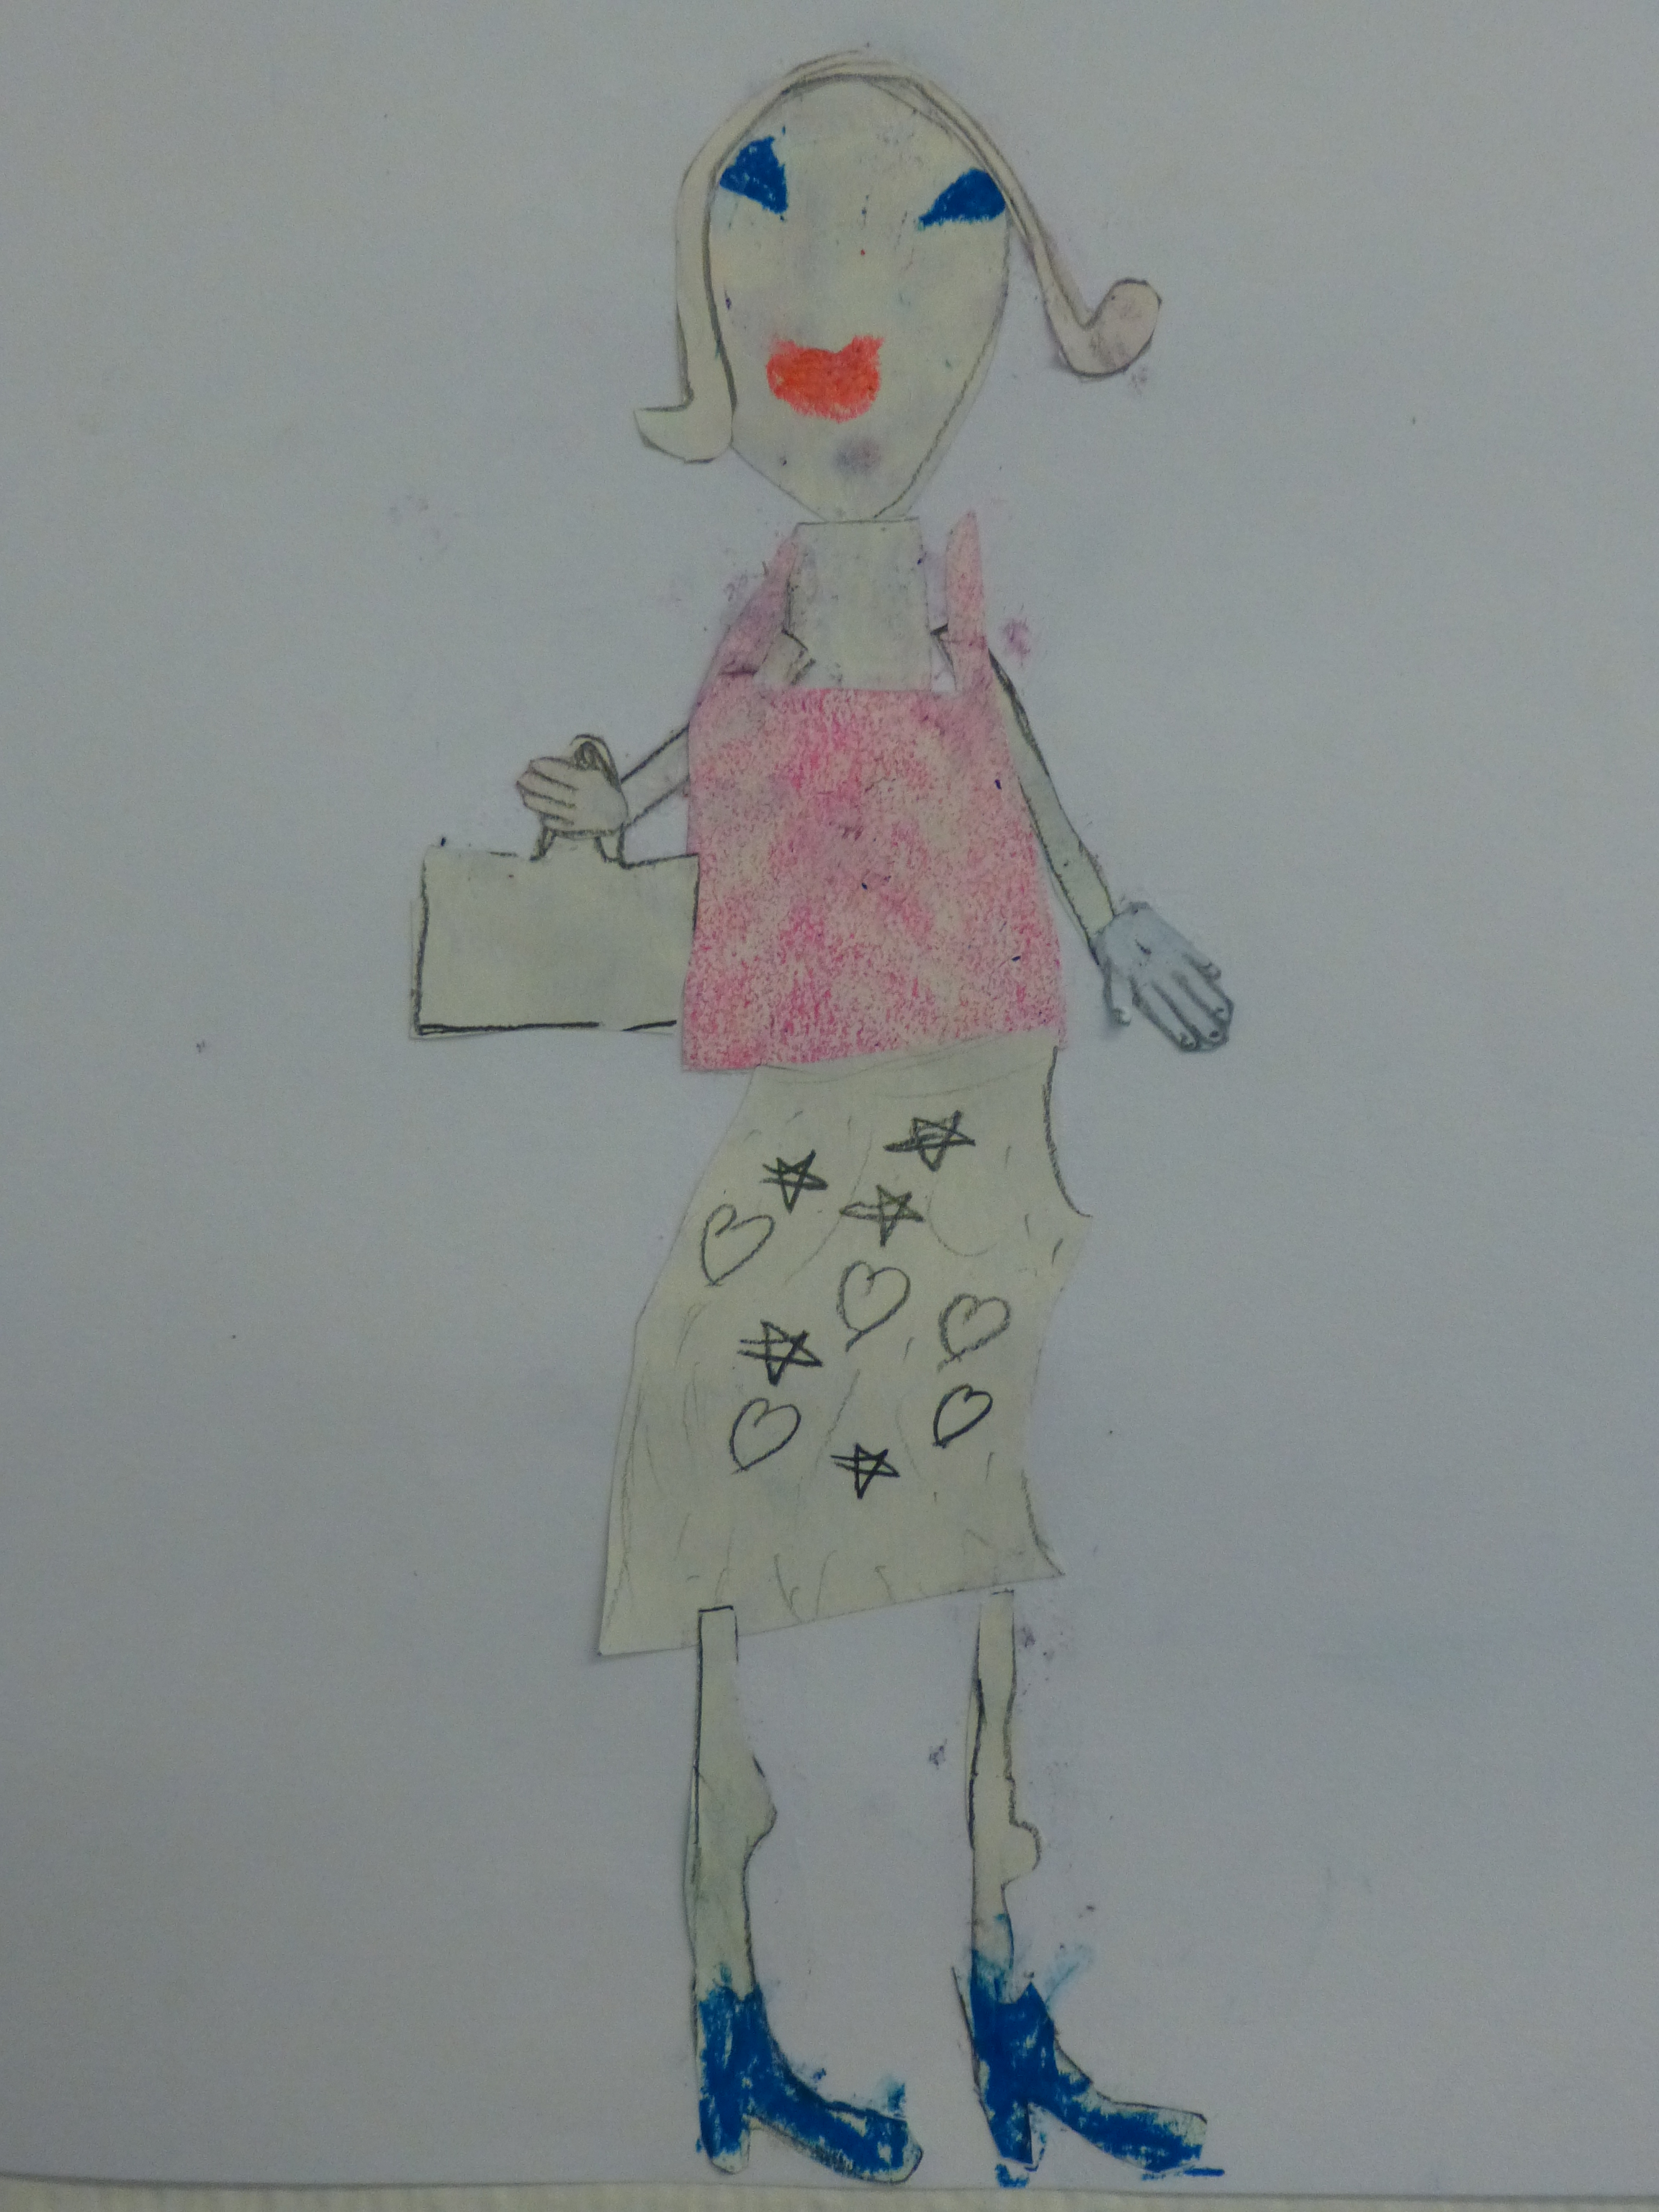 Kunstprojekt für geflüchtete Kinder Wirtschaftsjunioren Hamburg bei der Handelskammer -1